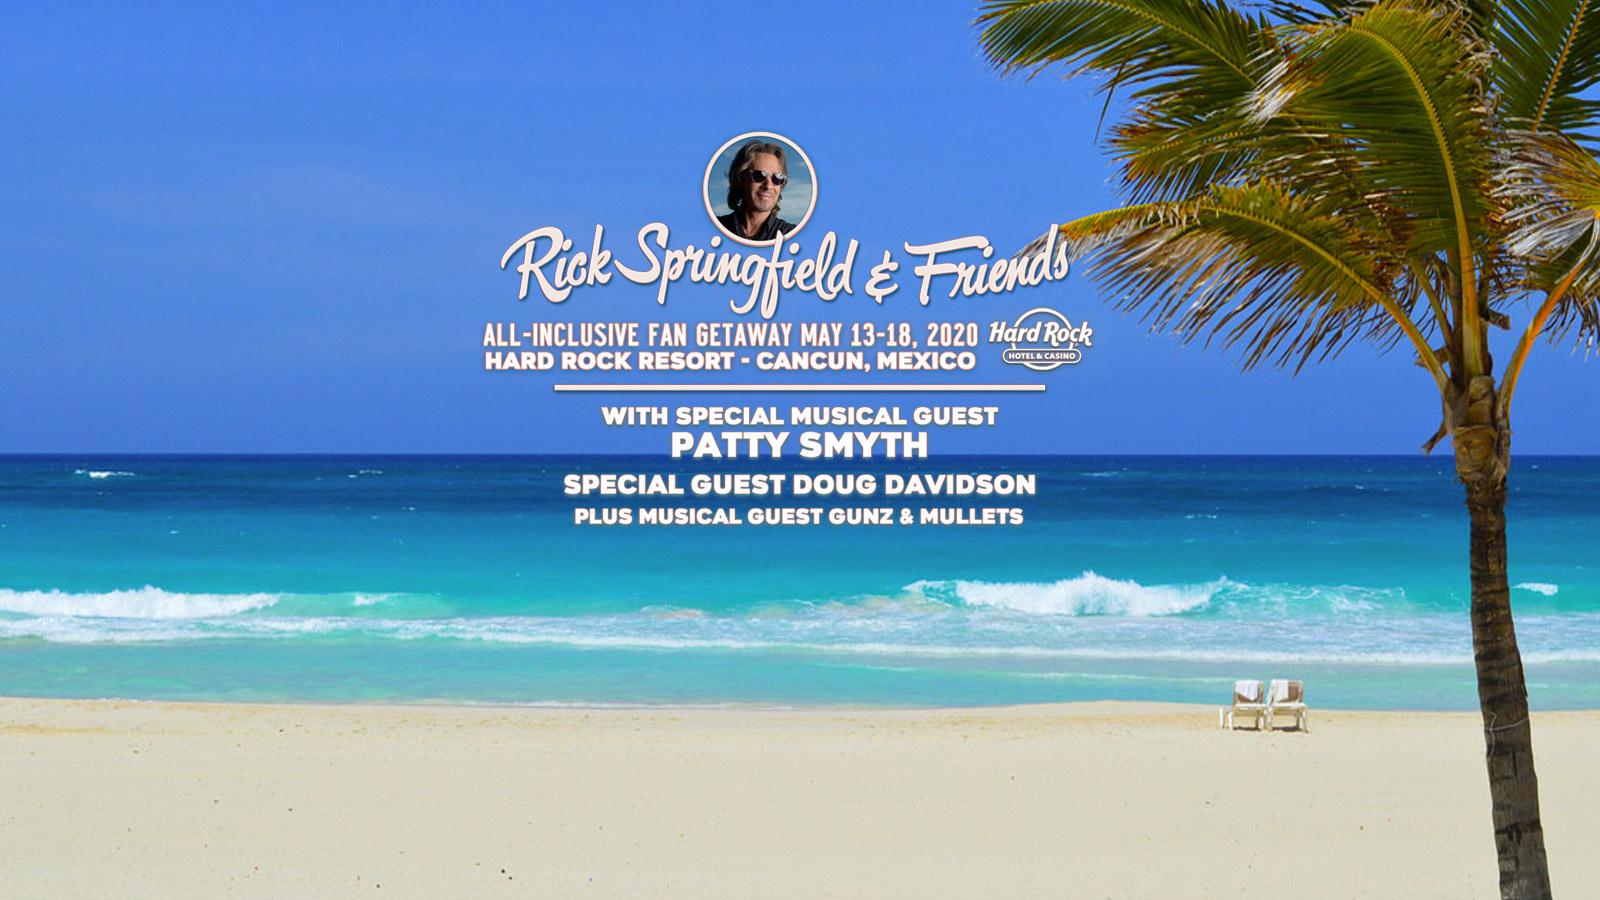 Rick Springfield Fan Getwaway